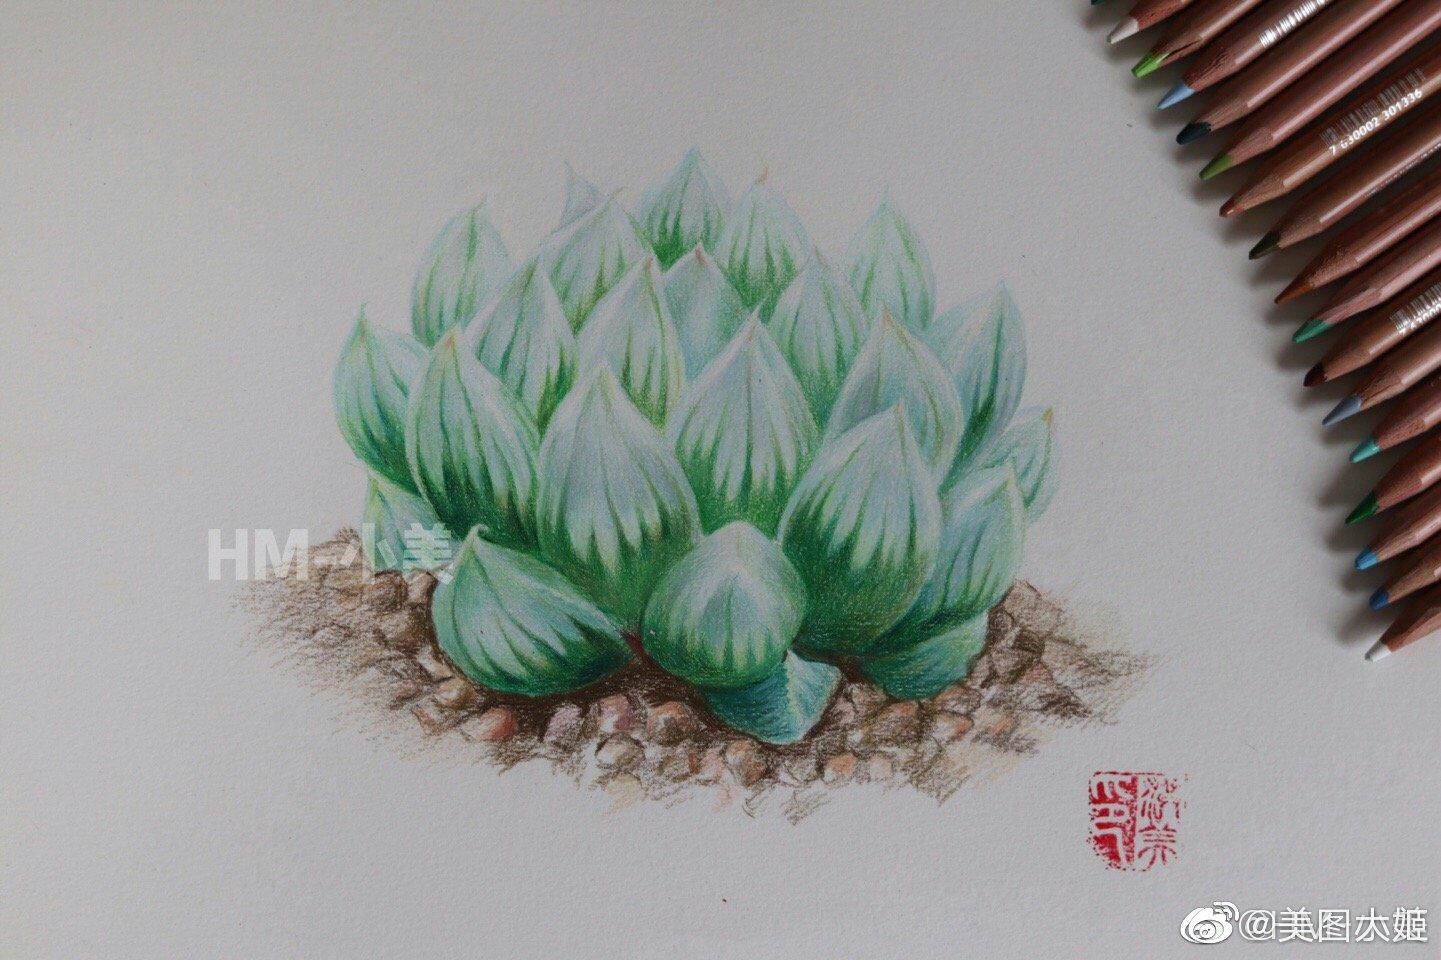 彩铅画手绘作品 多肉植物玉露作者@hm-小美